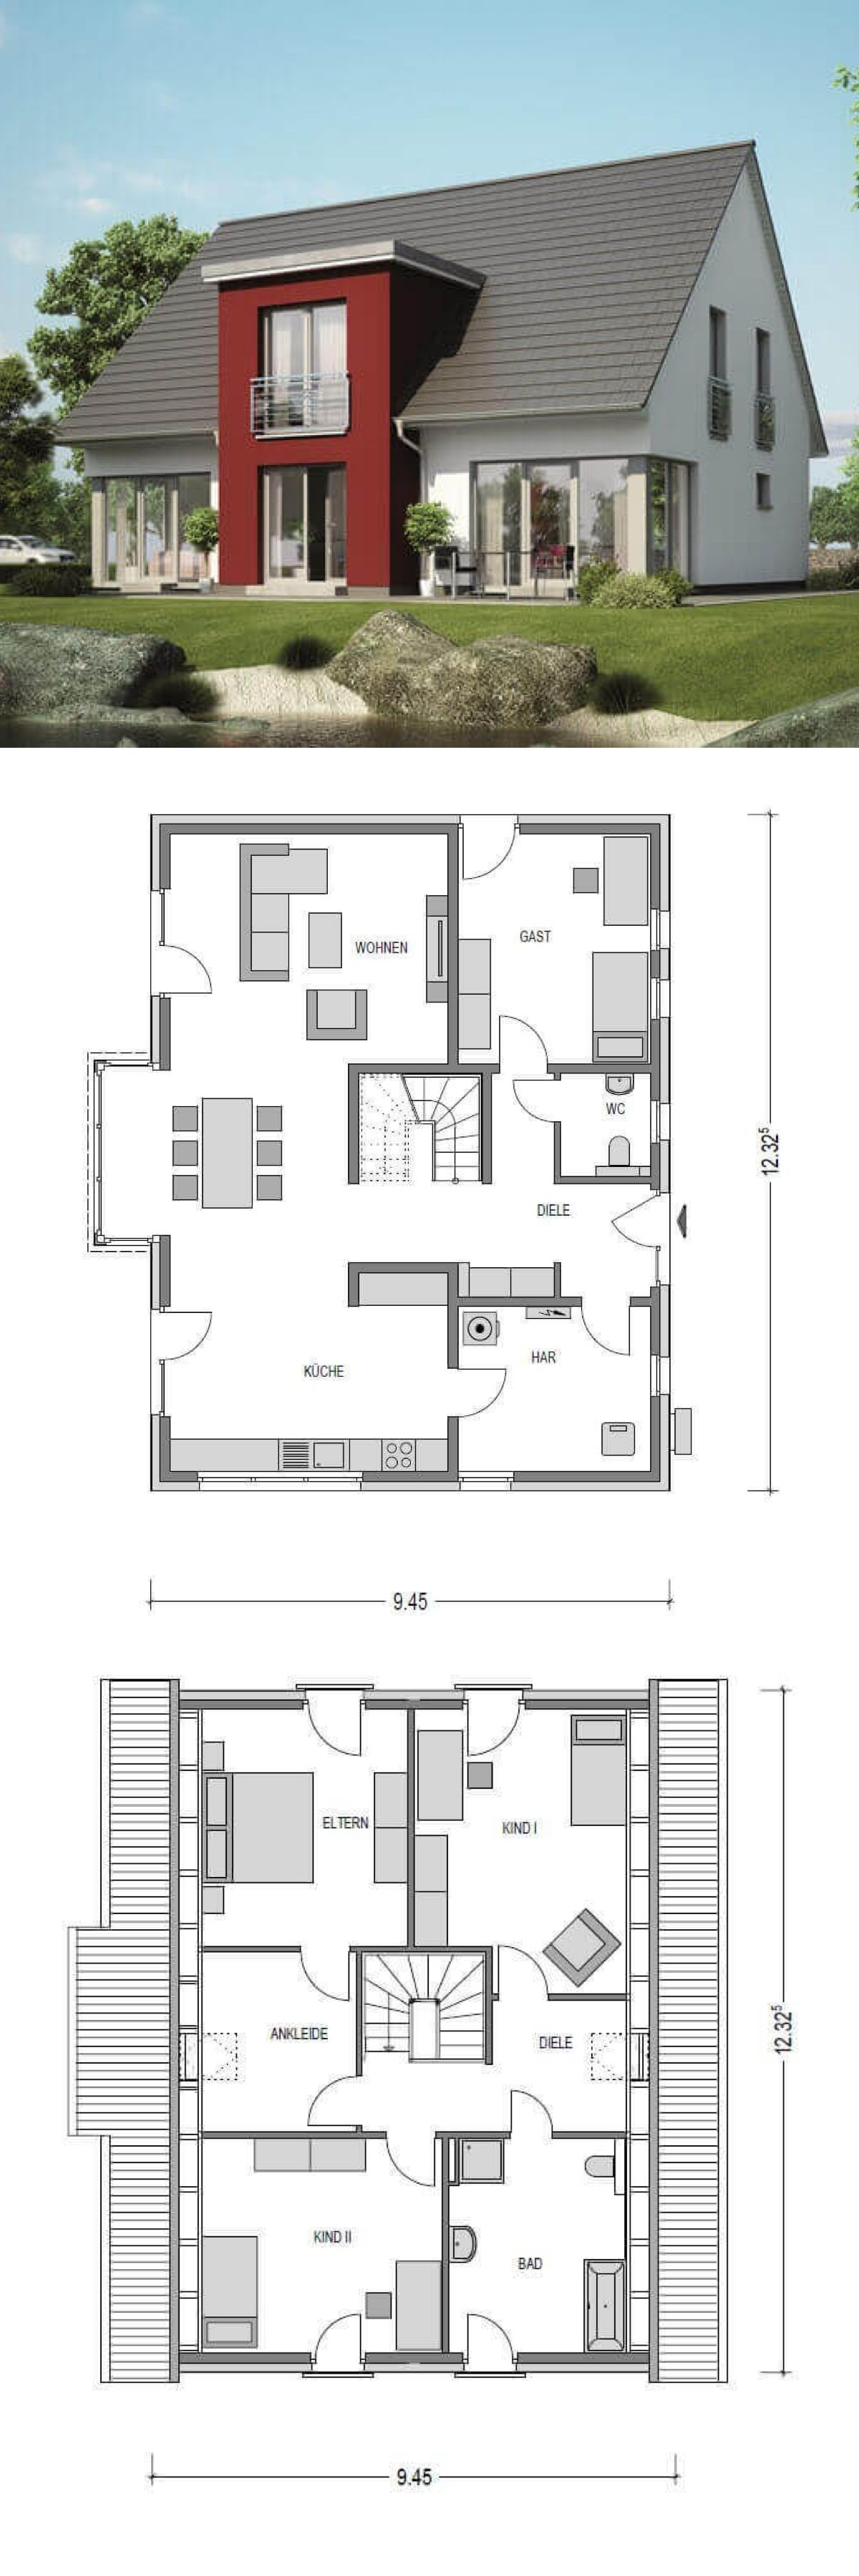 Einfamilienhaus neubau modern mit quergiebel satteldach for Minimalistisches haus grundriss